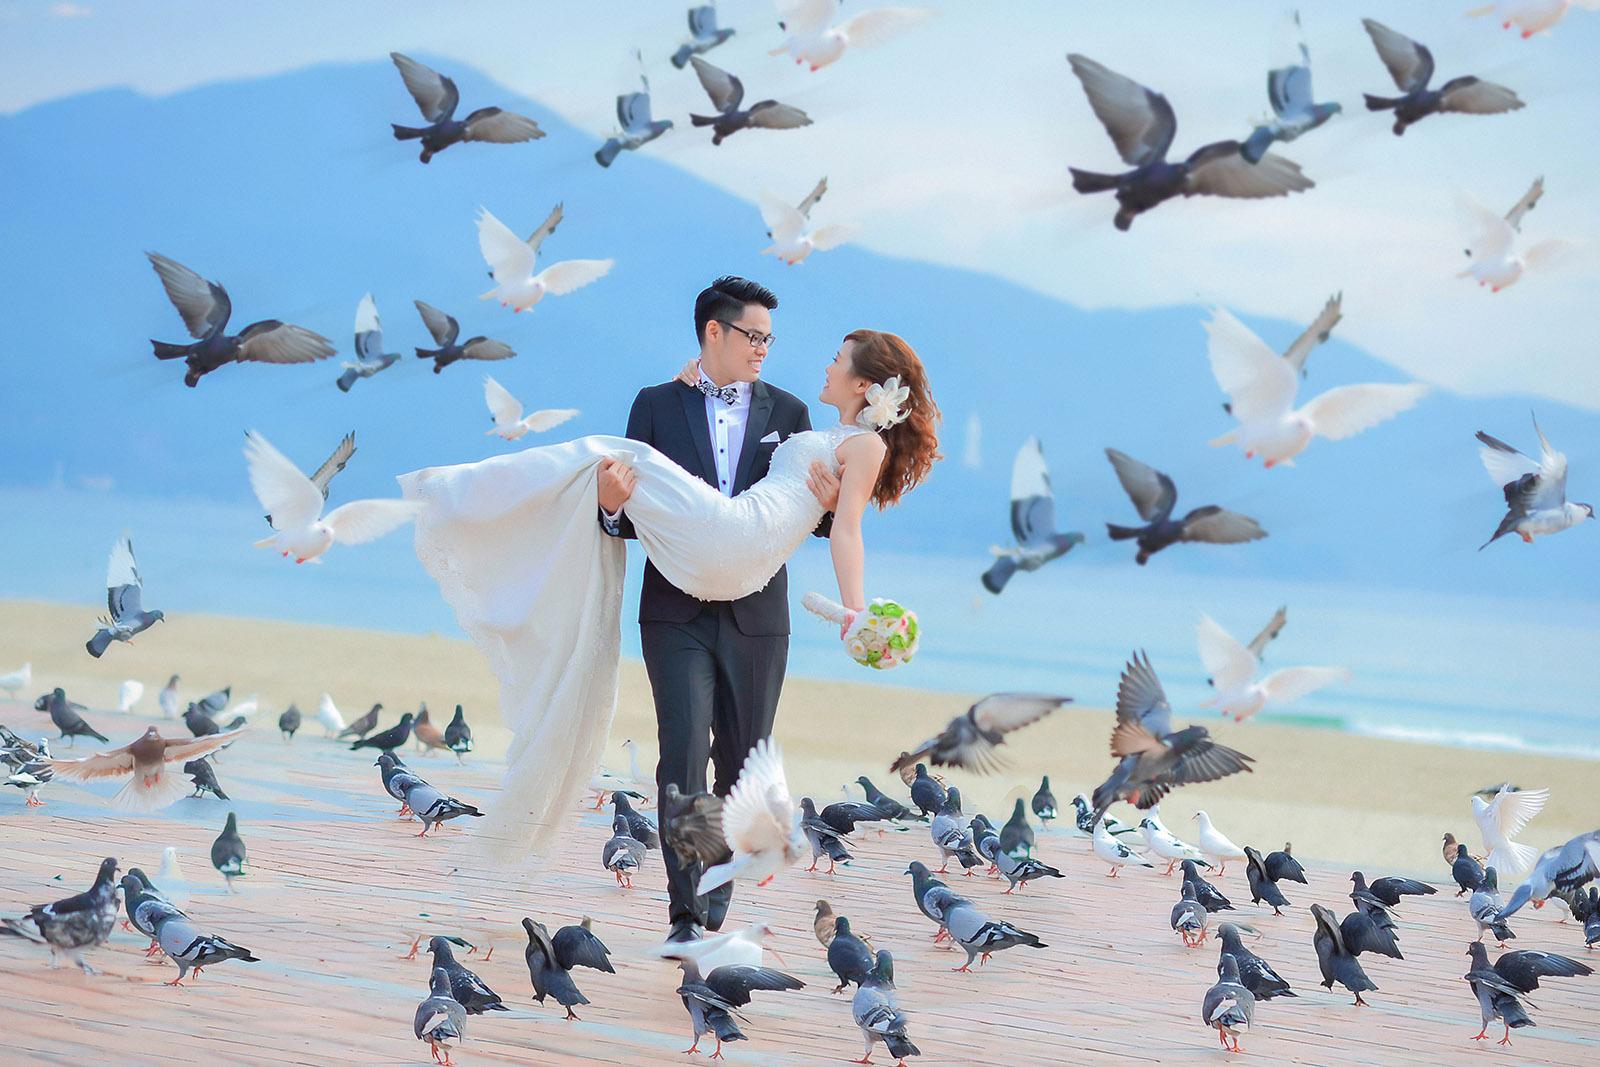 Công viên Biển Đông - địa điểm chụp ảnh cưới lãng mạn với hàng trăm chú chim bồ câu